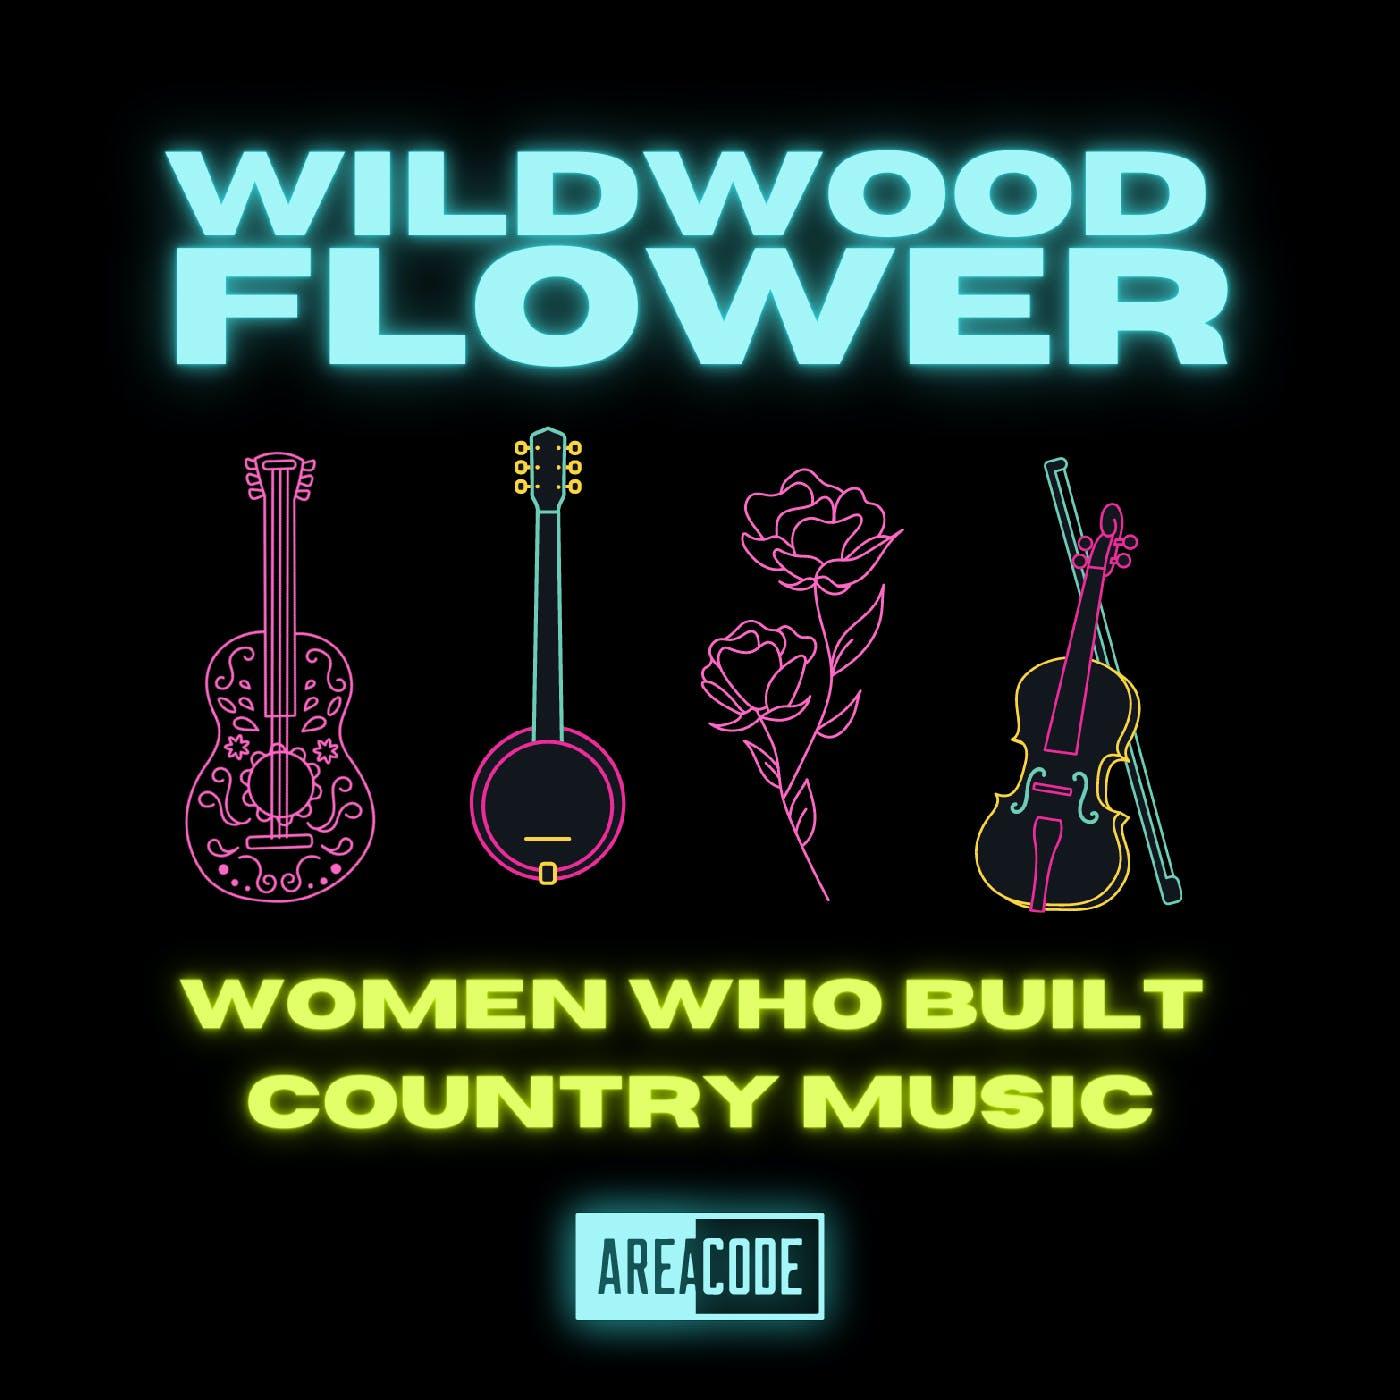 Introducing: Wildwood Flower